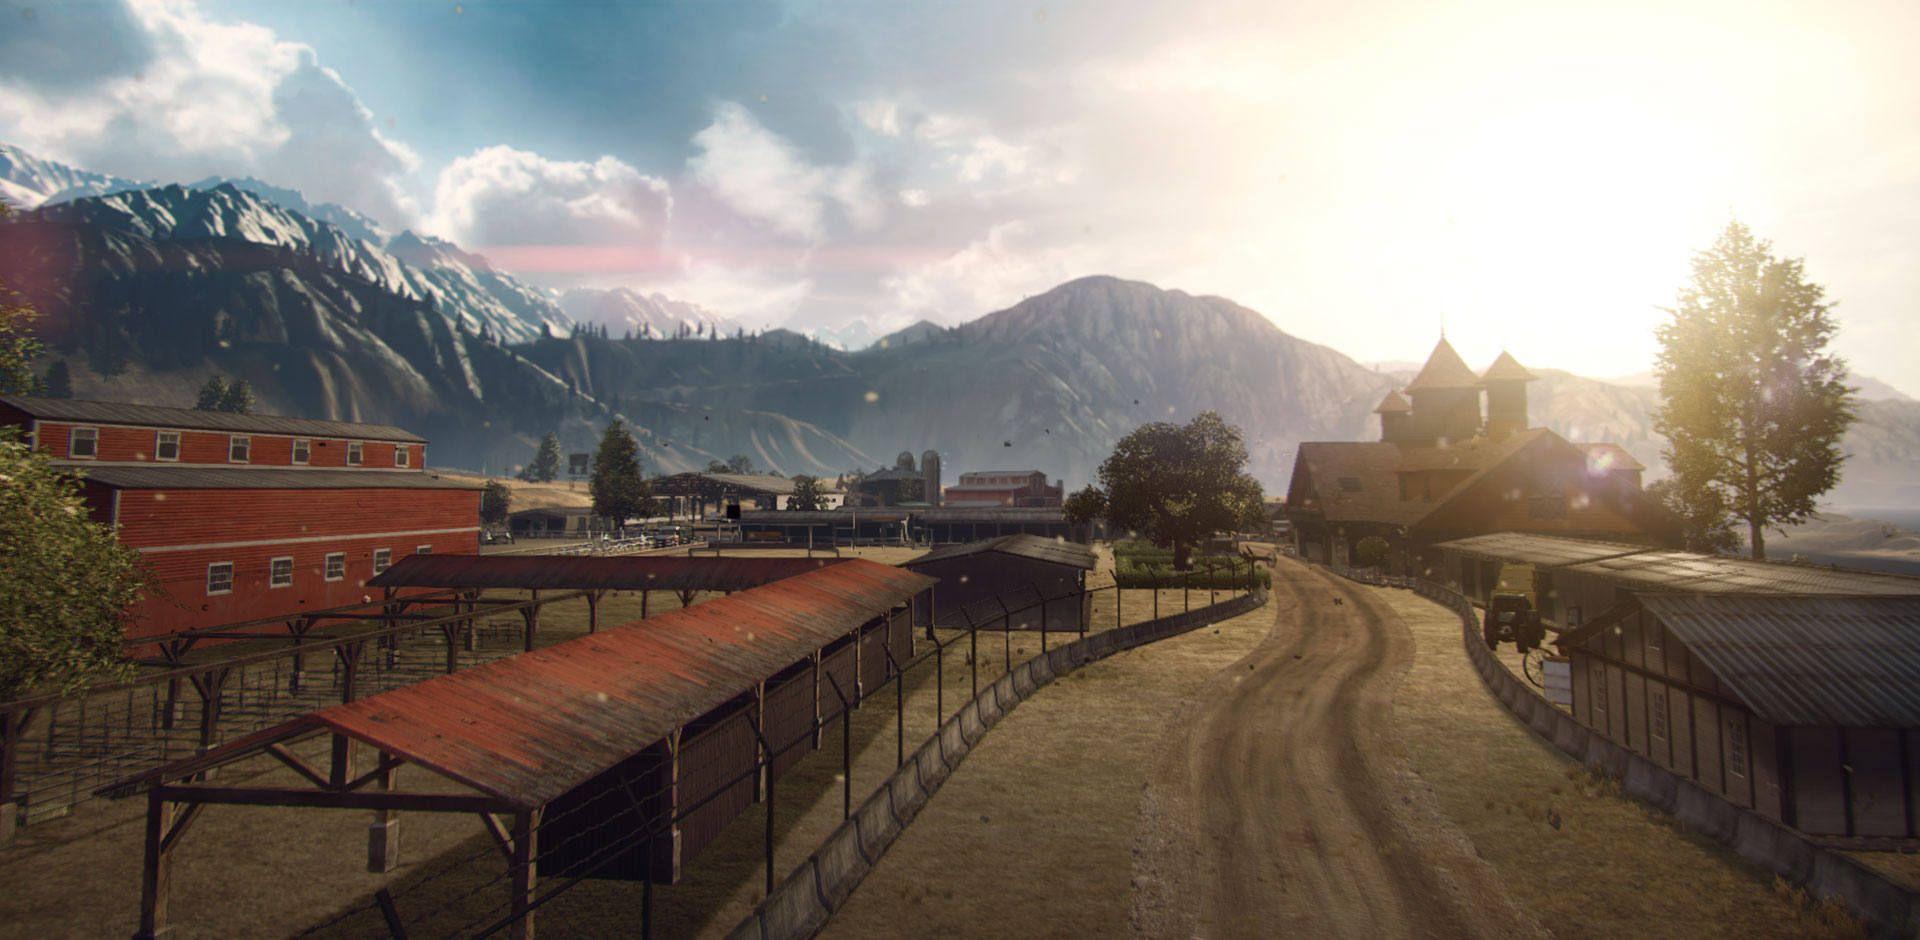 《極速快感:極限邊緣》陸版由騰訊遊戲代理 預定 26 日起於中國展開測試《Need for Speed:Edge》 - 巴哈姆特